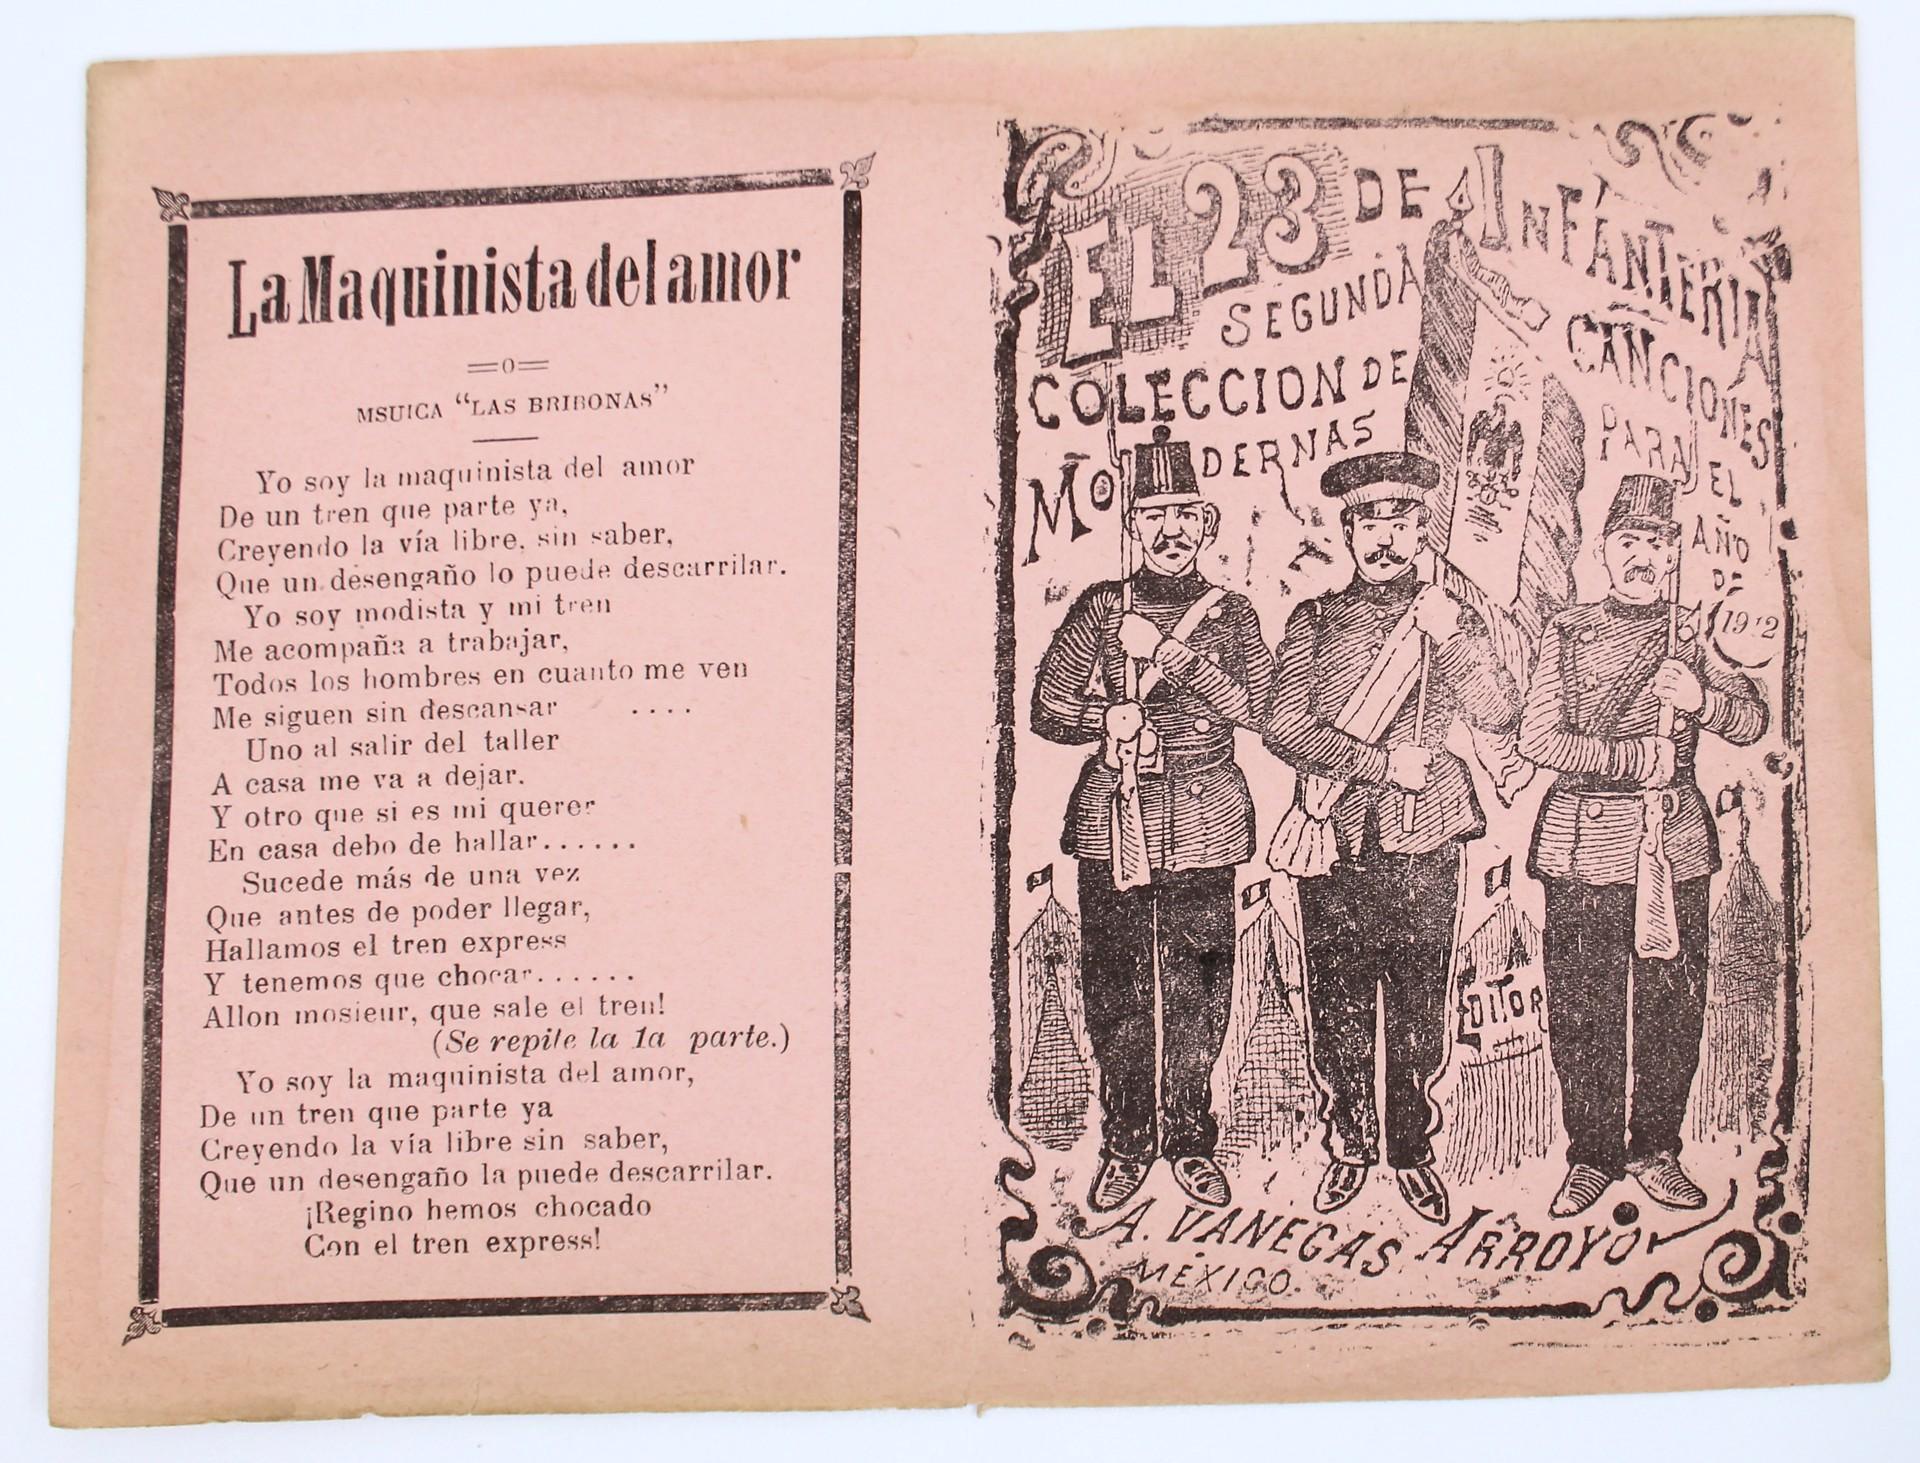 El 23 de Infanteria. Segunda Colección de Canciones Modernas by José Guadalupe Posada (1852 - 1913)